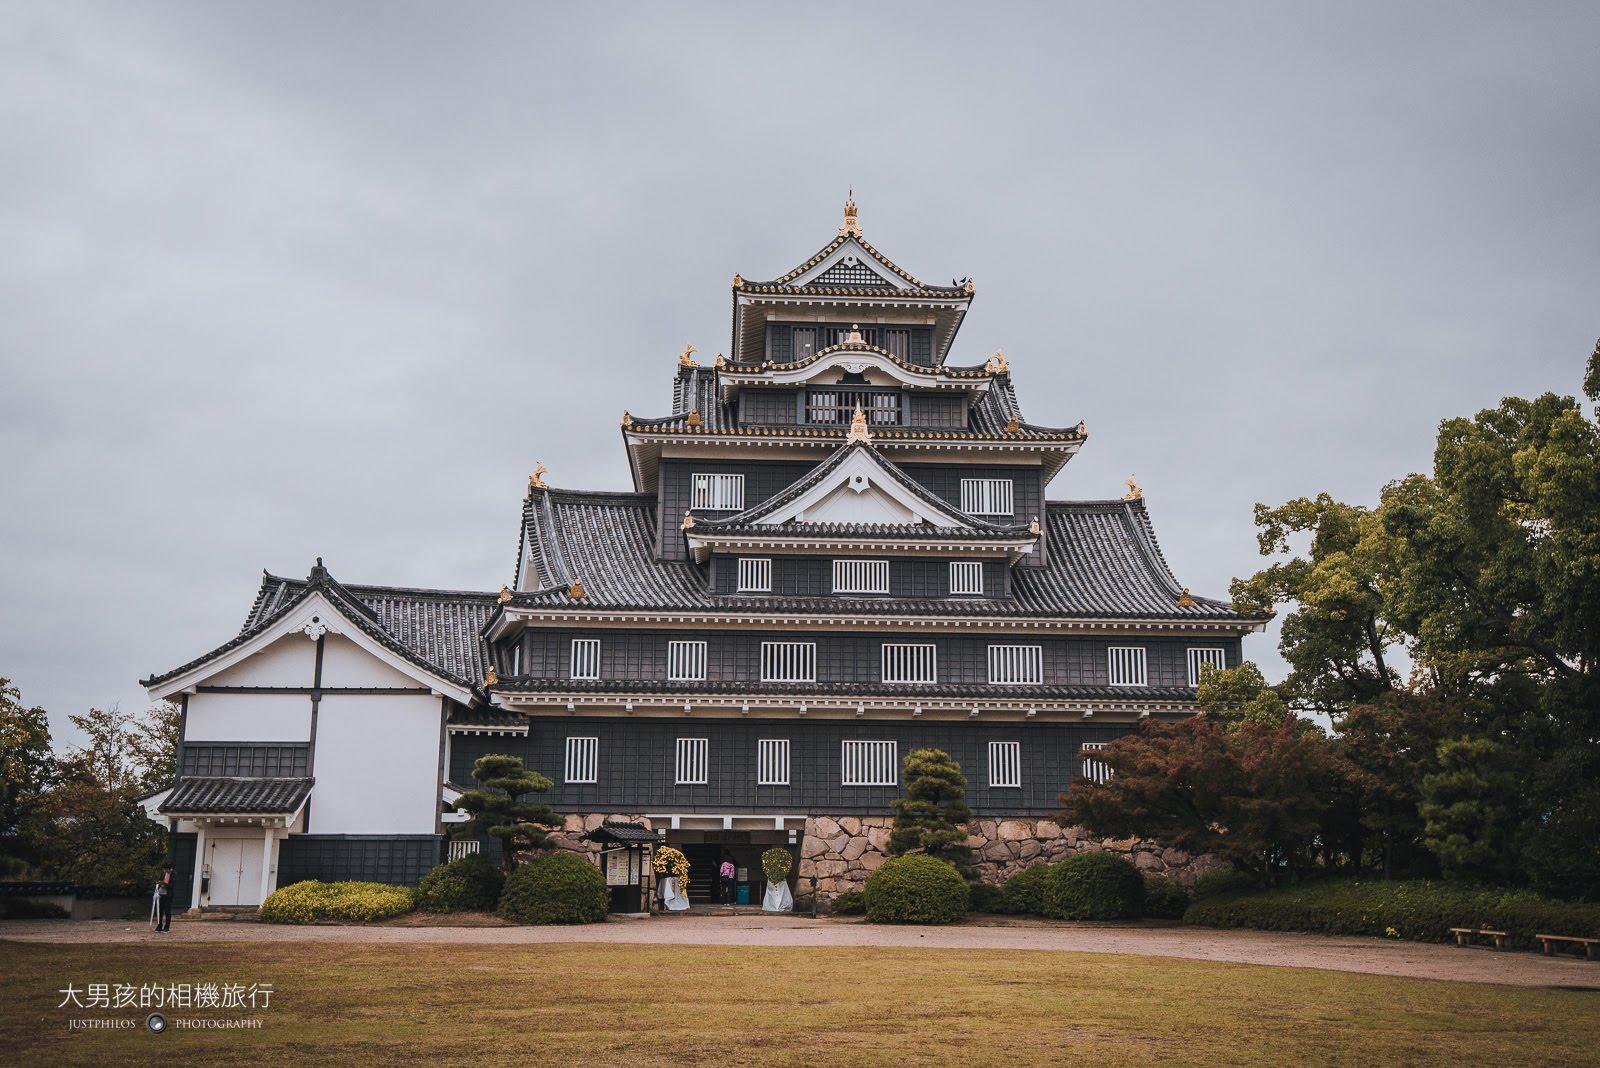 岡山城天守閣正前方有一片大空地,可看到完整的天守閣樣貌。